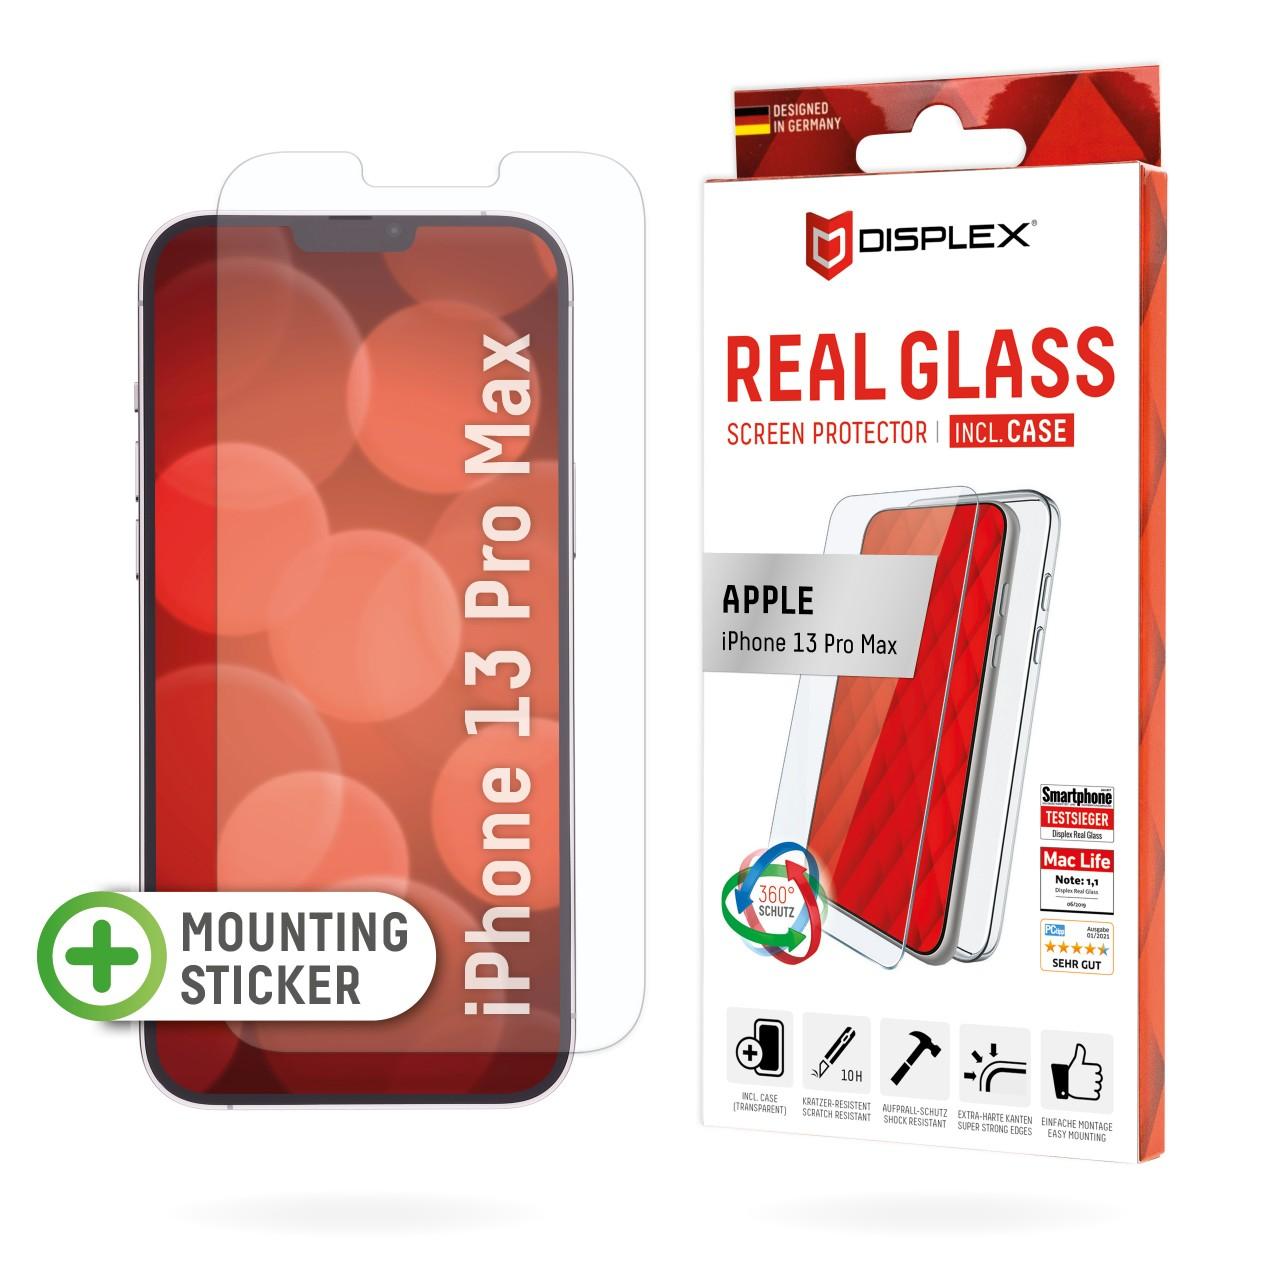 01495-APPLE-iPhone-13-Pro-Max-RealGlass-Case-2D-ENQGTafwMrqKgxo